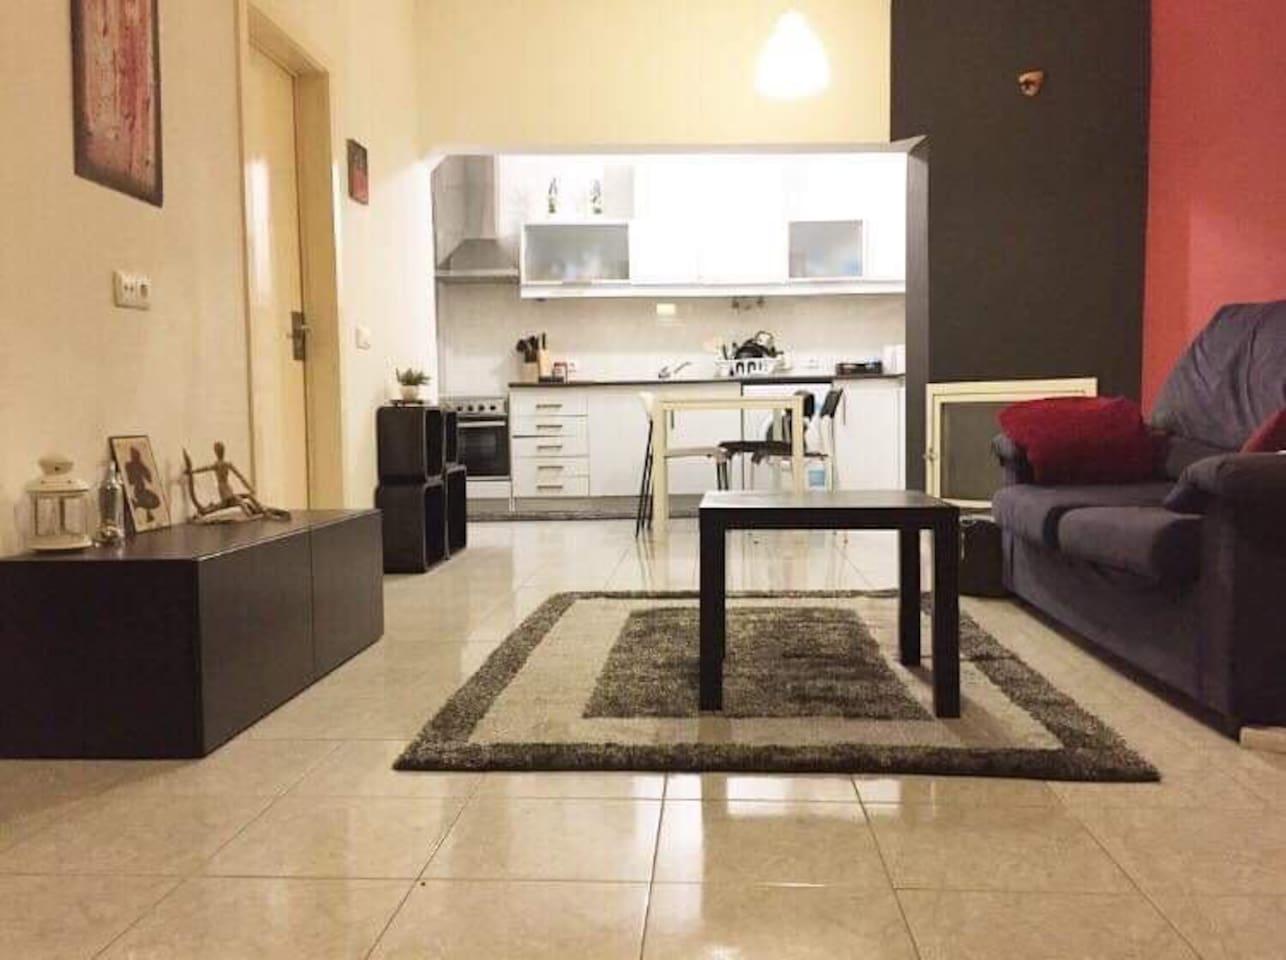 Sala de estar, cozinha, zona de refeições